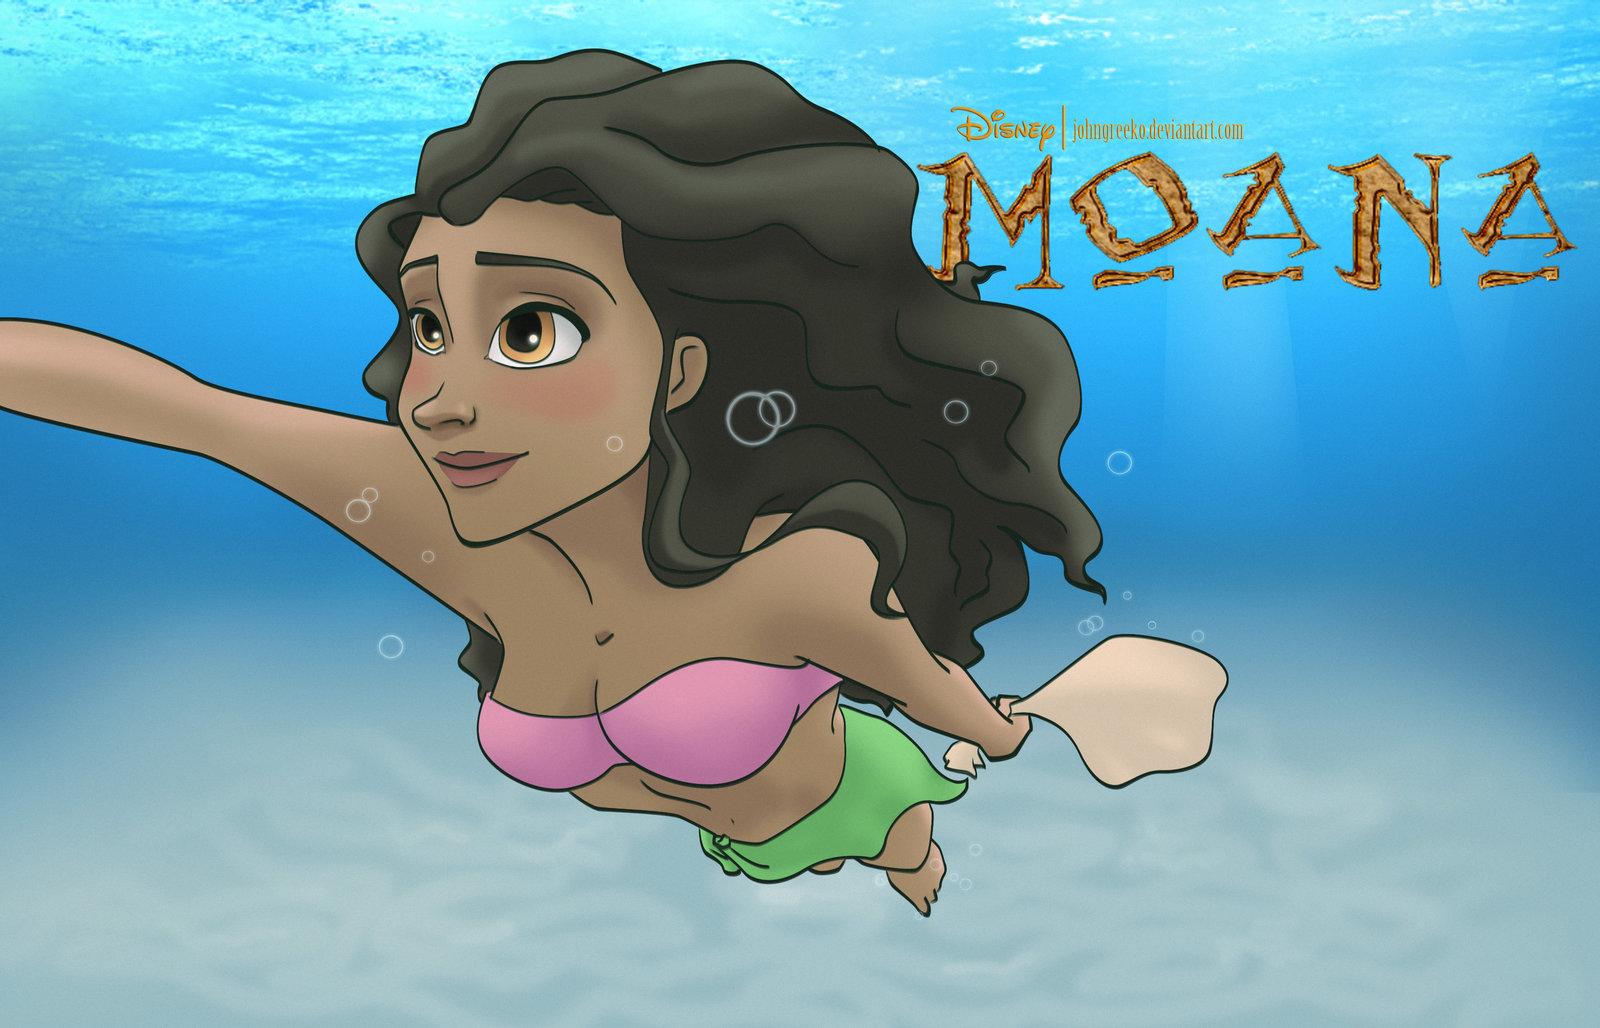 Moana Swimming - Moana Photo (37504111) - Fanpop